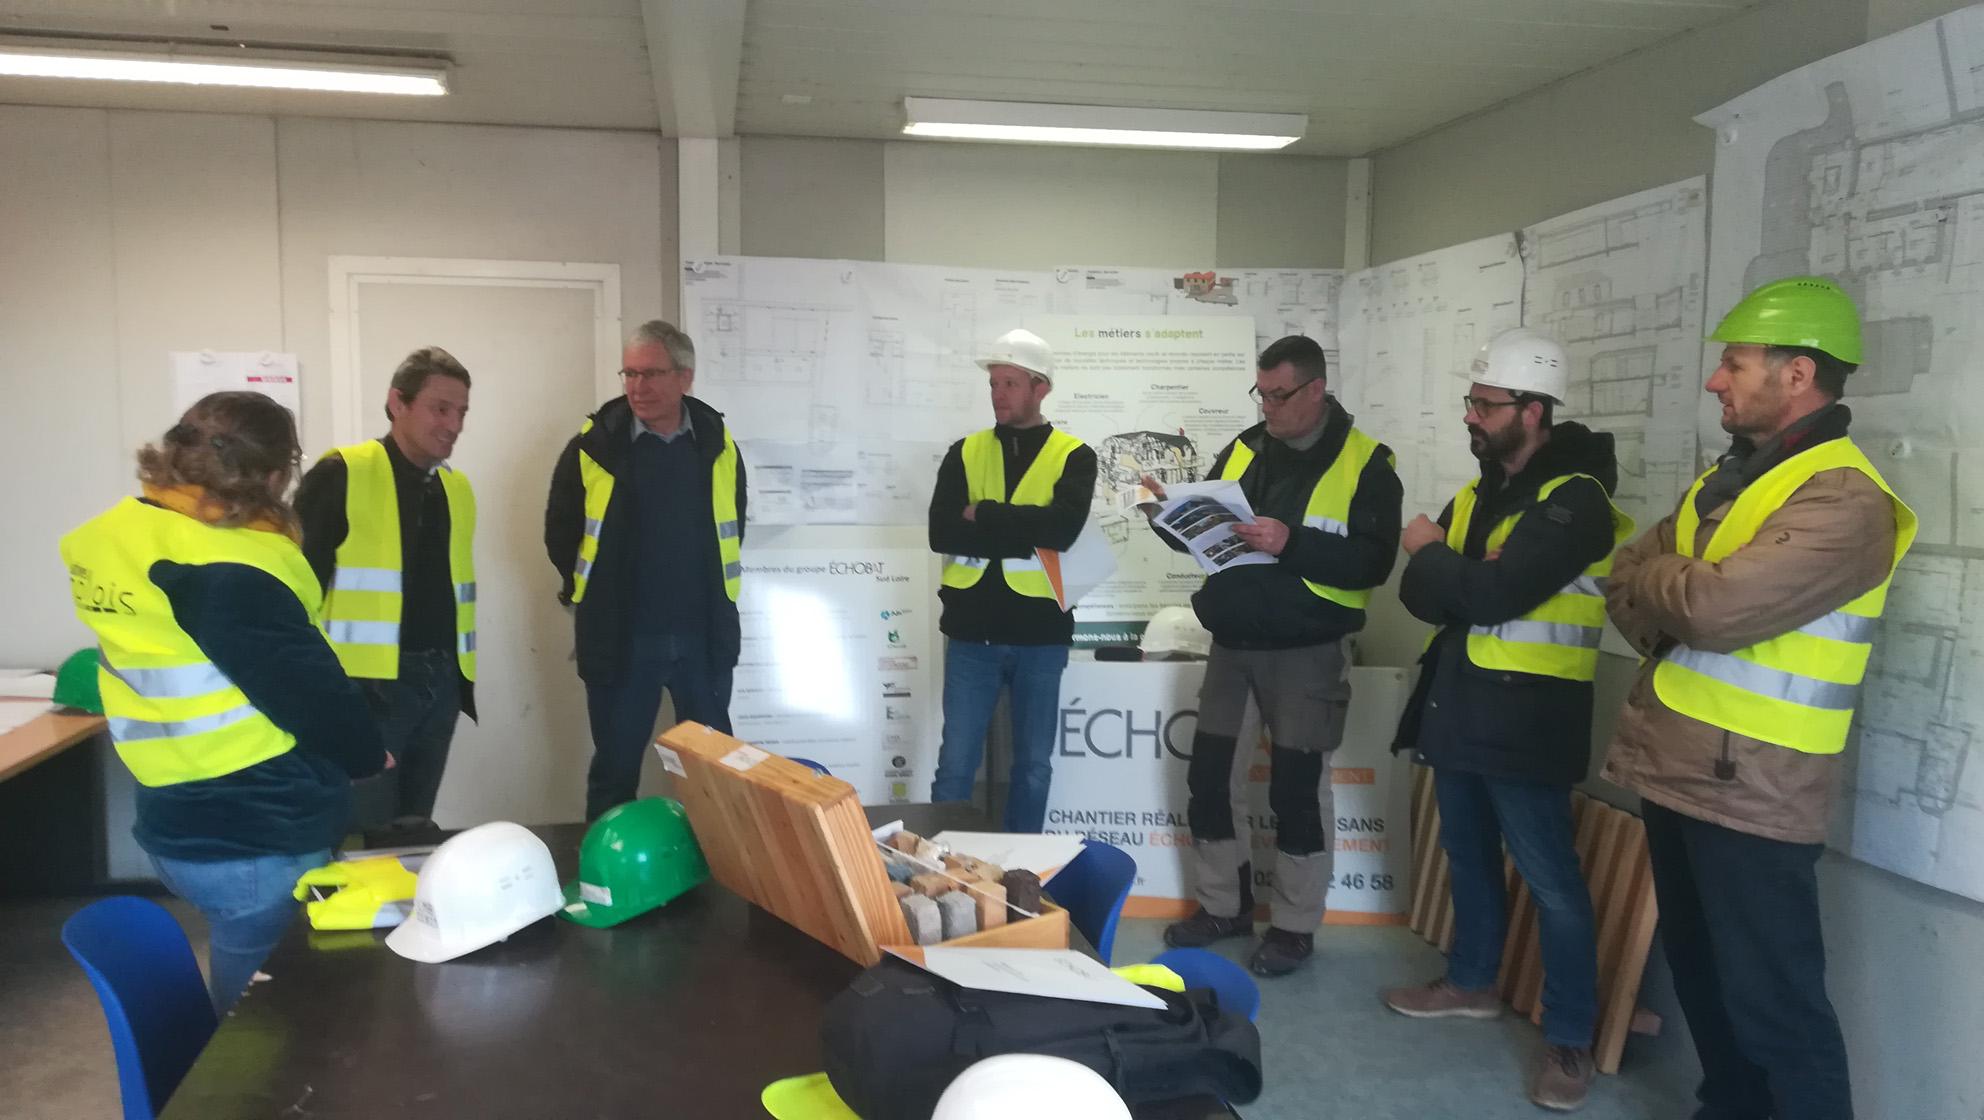 Générer des vocations dans l'écoconstruction chez les personnes éloignées de l'emploi - Étape 1 : la visite de chantier